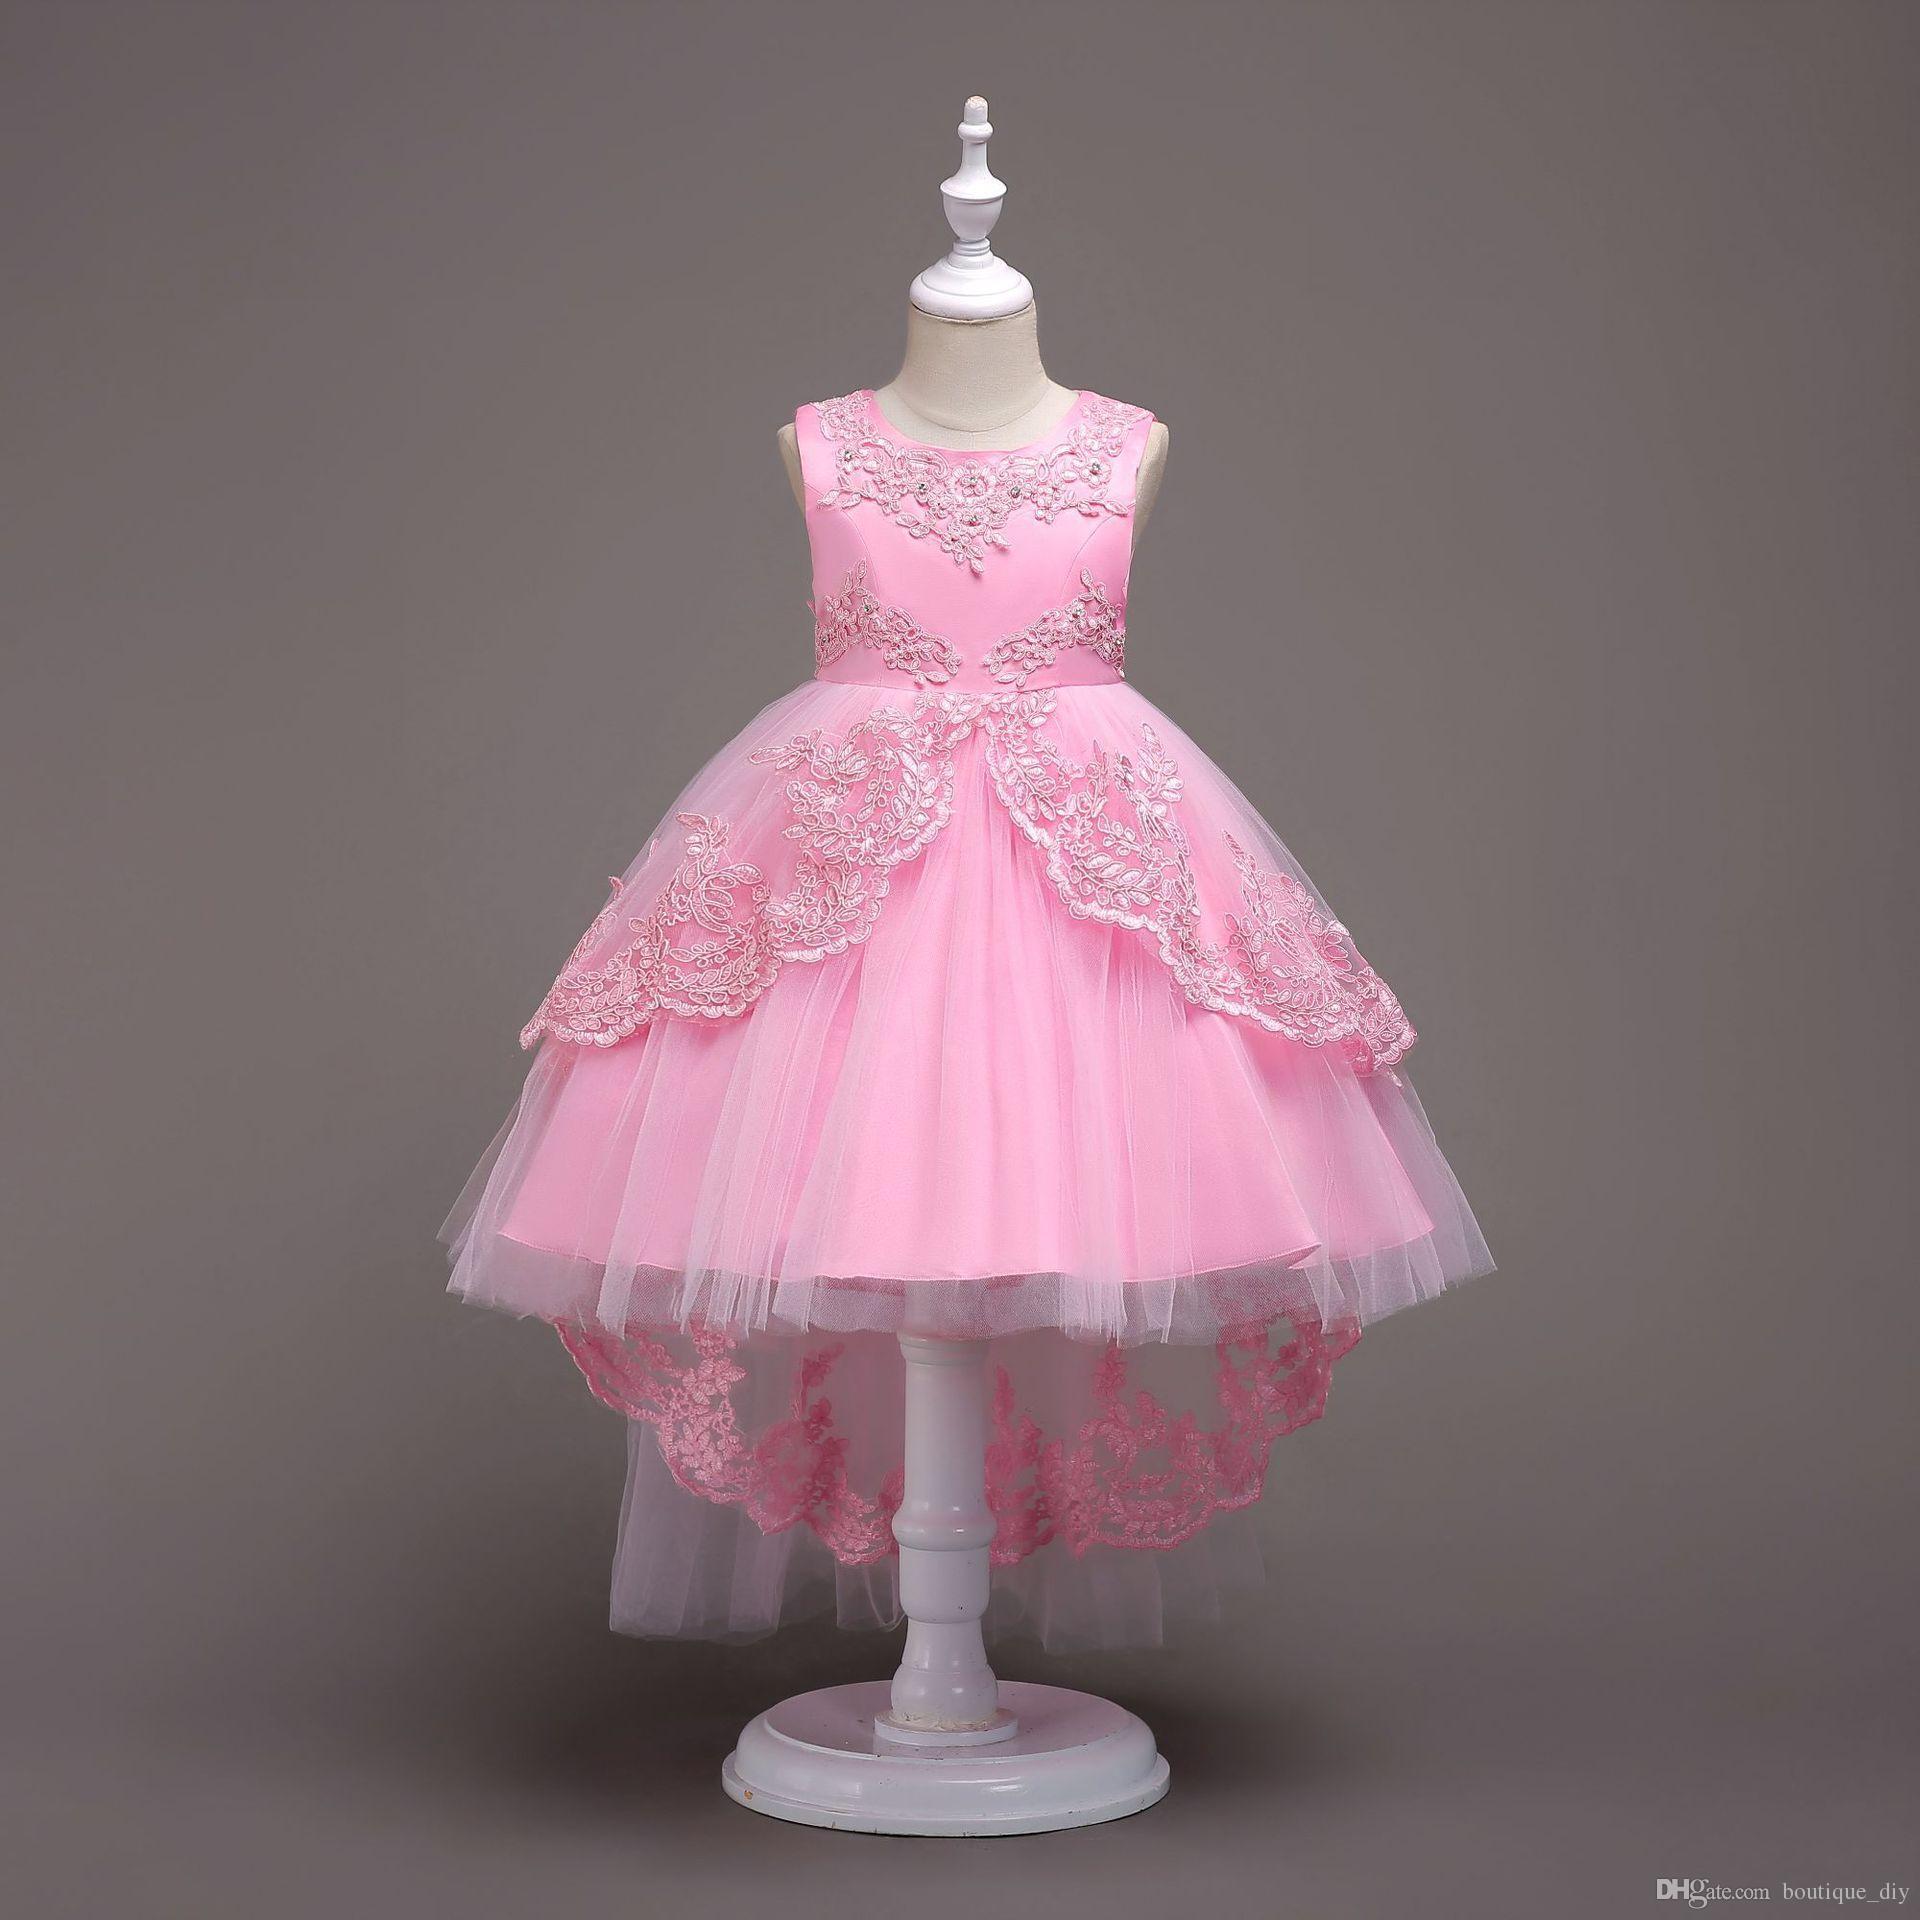 Girls White Lace Flower Wedding Dresses Princess Snow White A Line ... ba26d4c0d